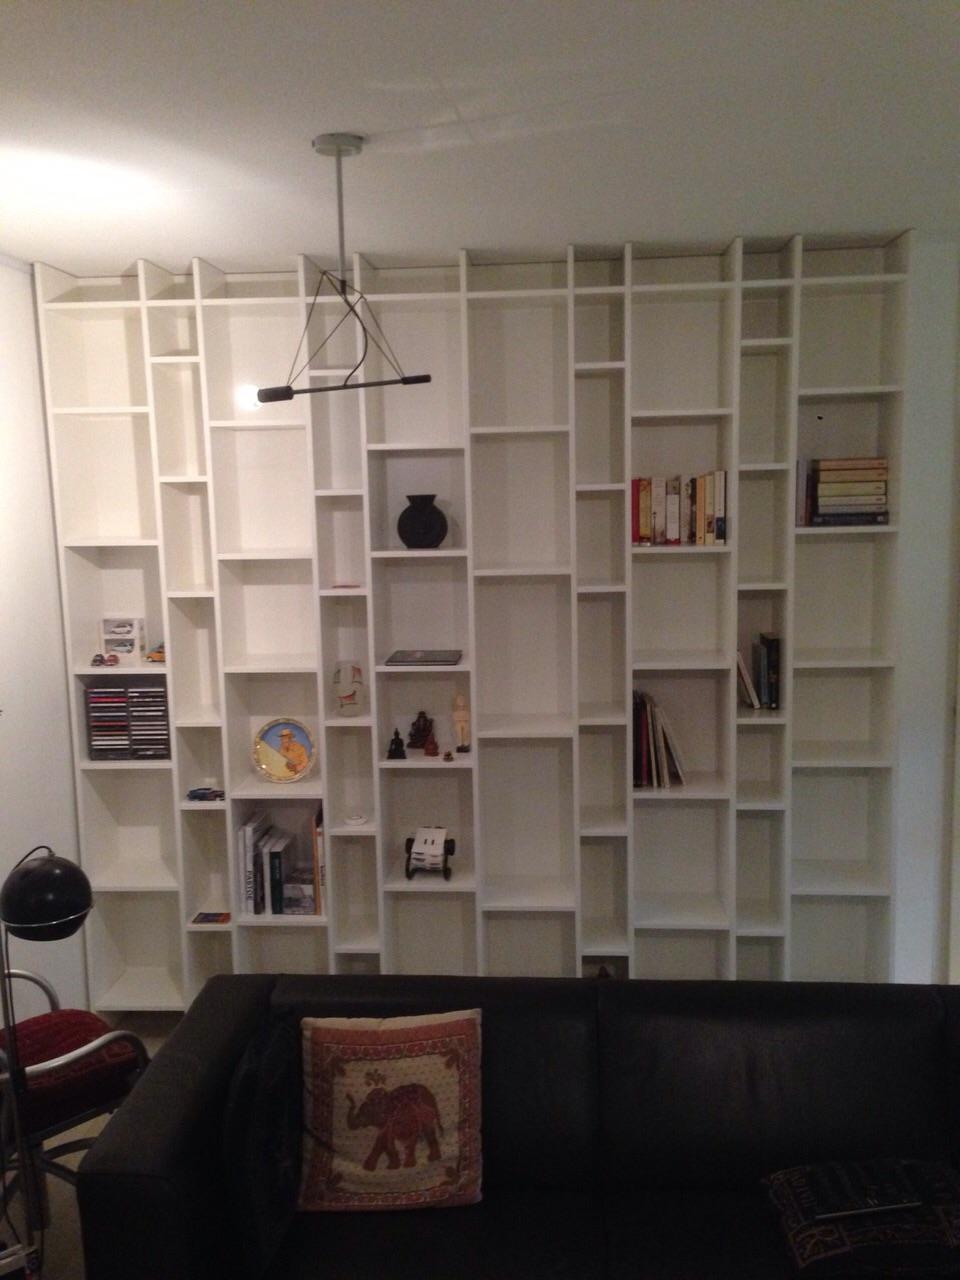 Boekenkast in Woonkamer - Meubelmakerij van Diemen